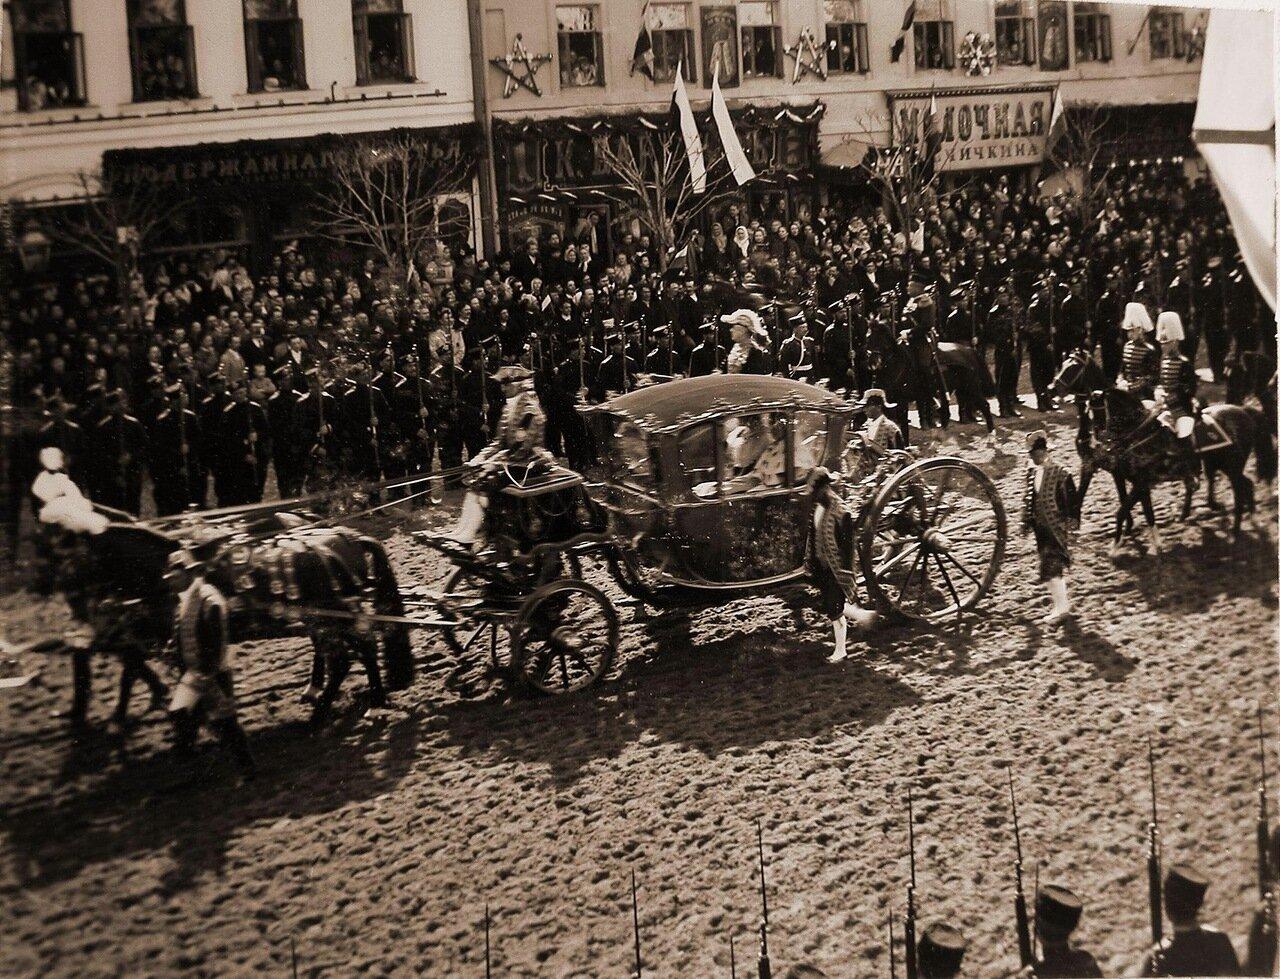 Карета с участниками церемонии коронации на Тверской улице в день торжественного въезда в Москву их императорских величеств